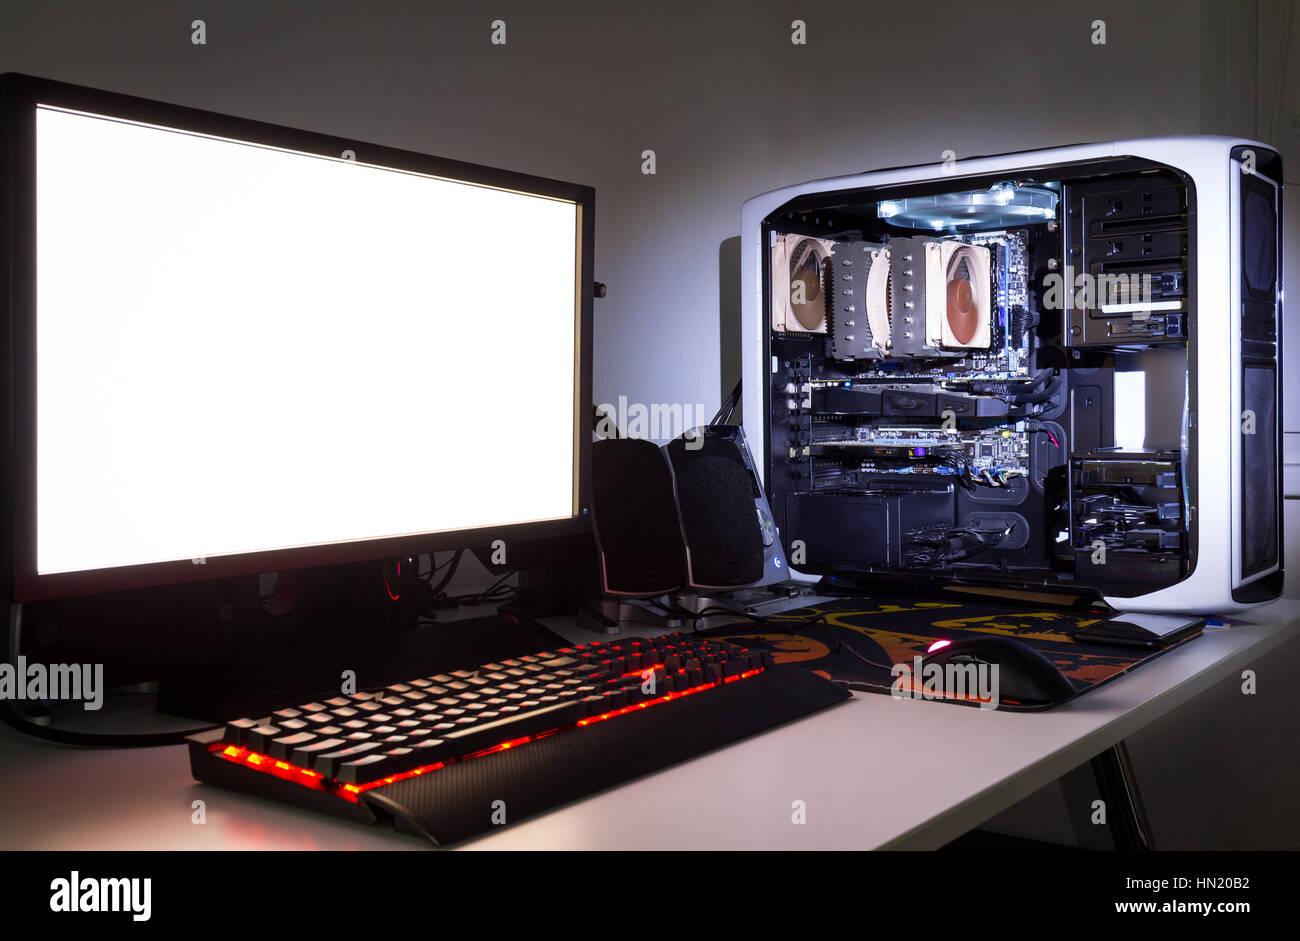 auf mass gefertigt gaming computer mit wei er bildschirm tastatur maus desktop komponenten. Black Bedroom Furniture Sets. Home Design Ideas